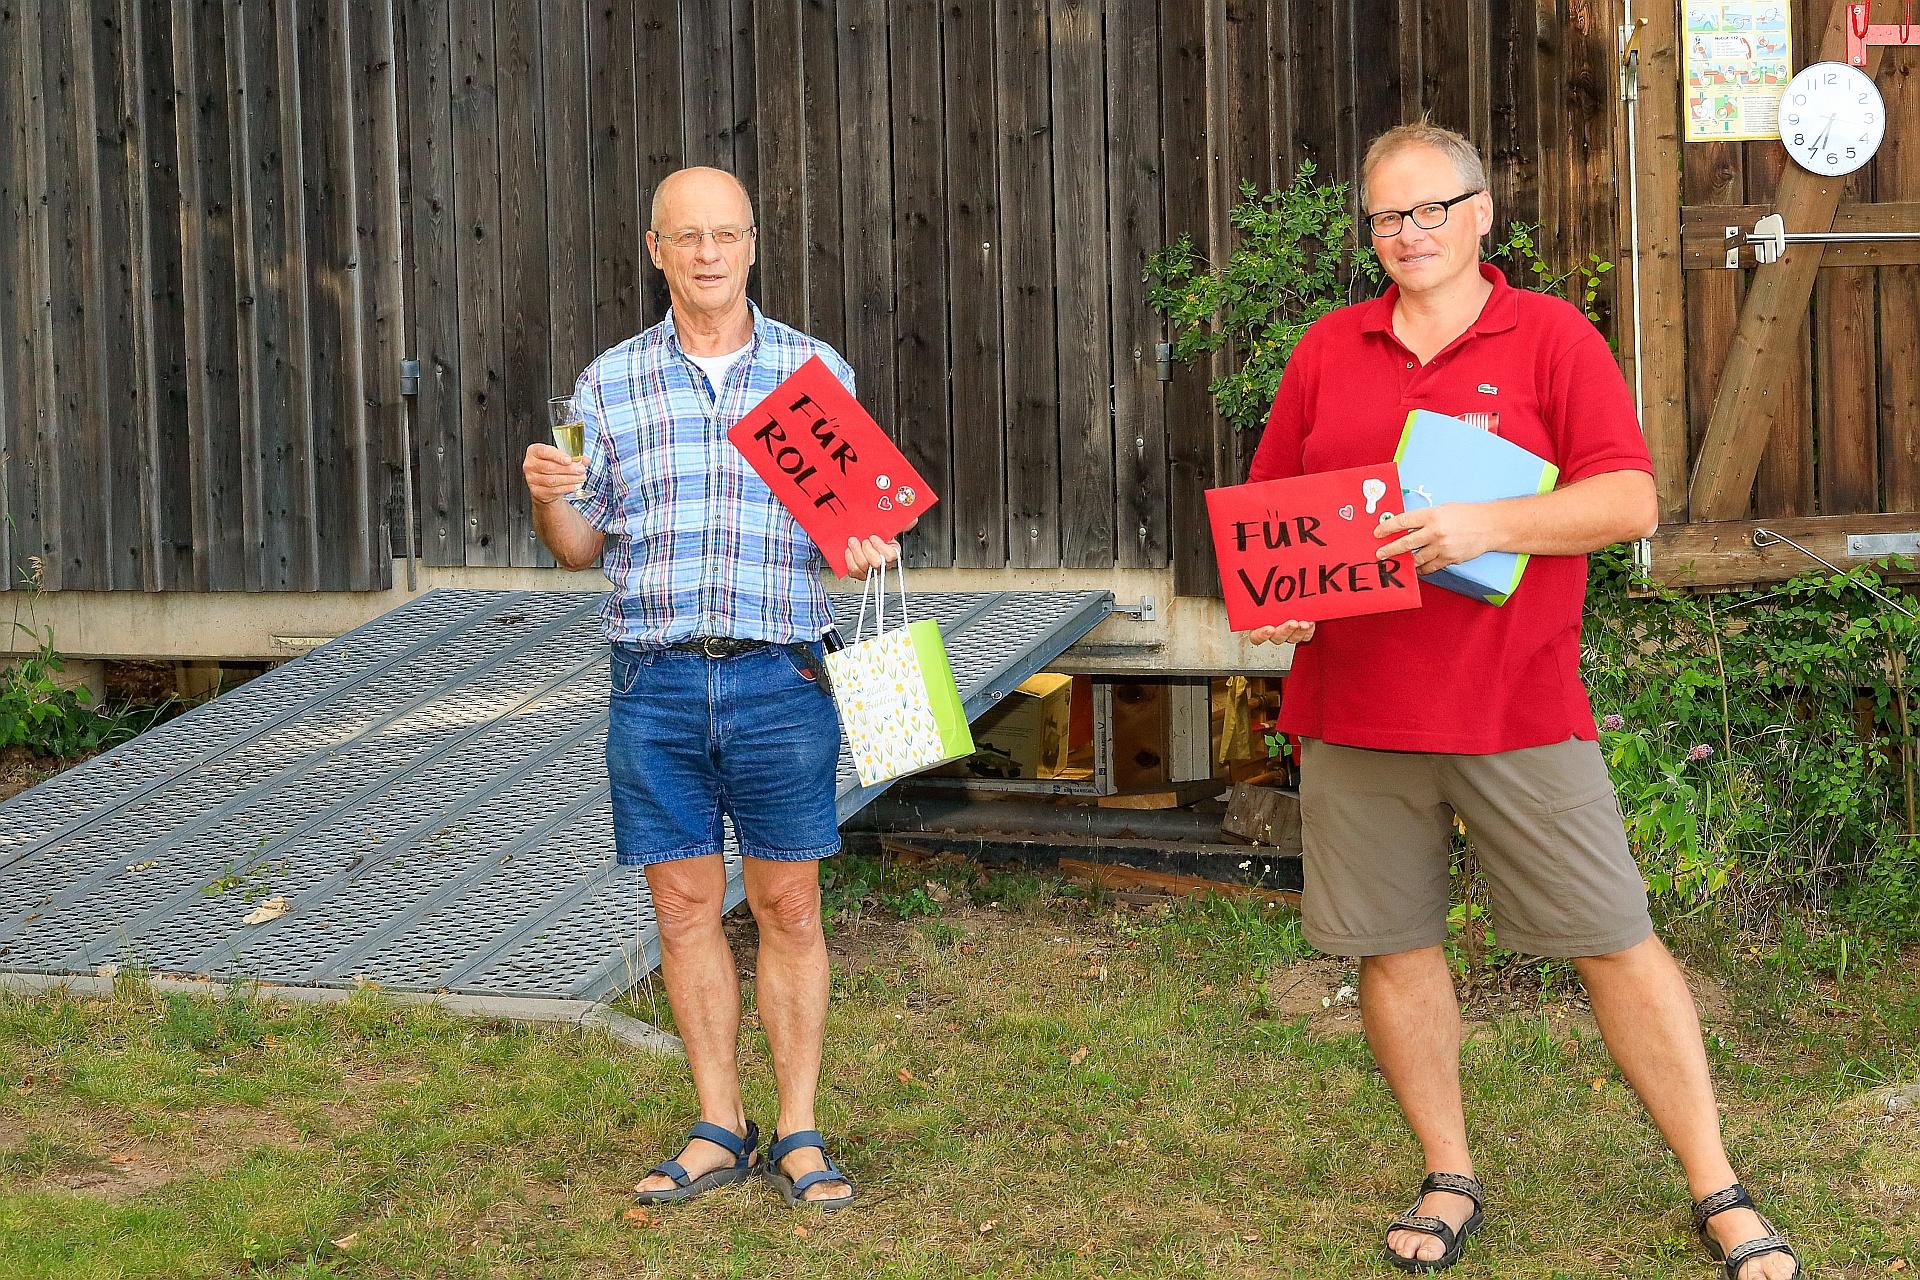 Geburtstag von Rolf Baßler und Volker Wunderlich